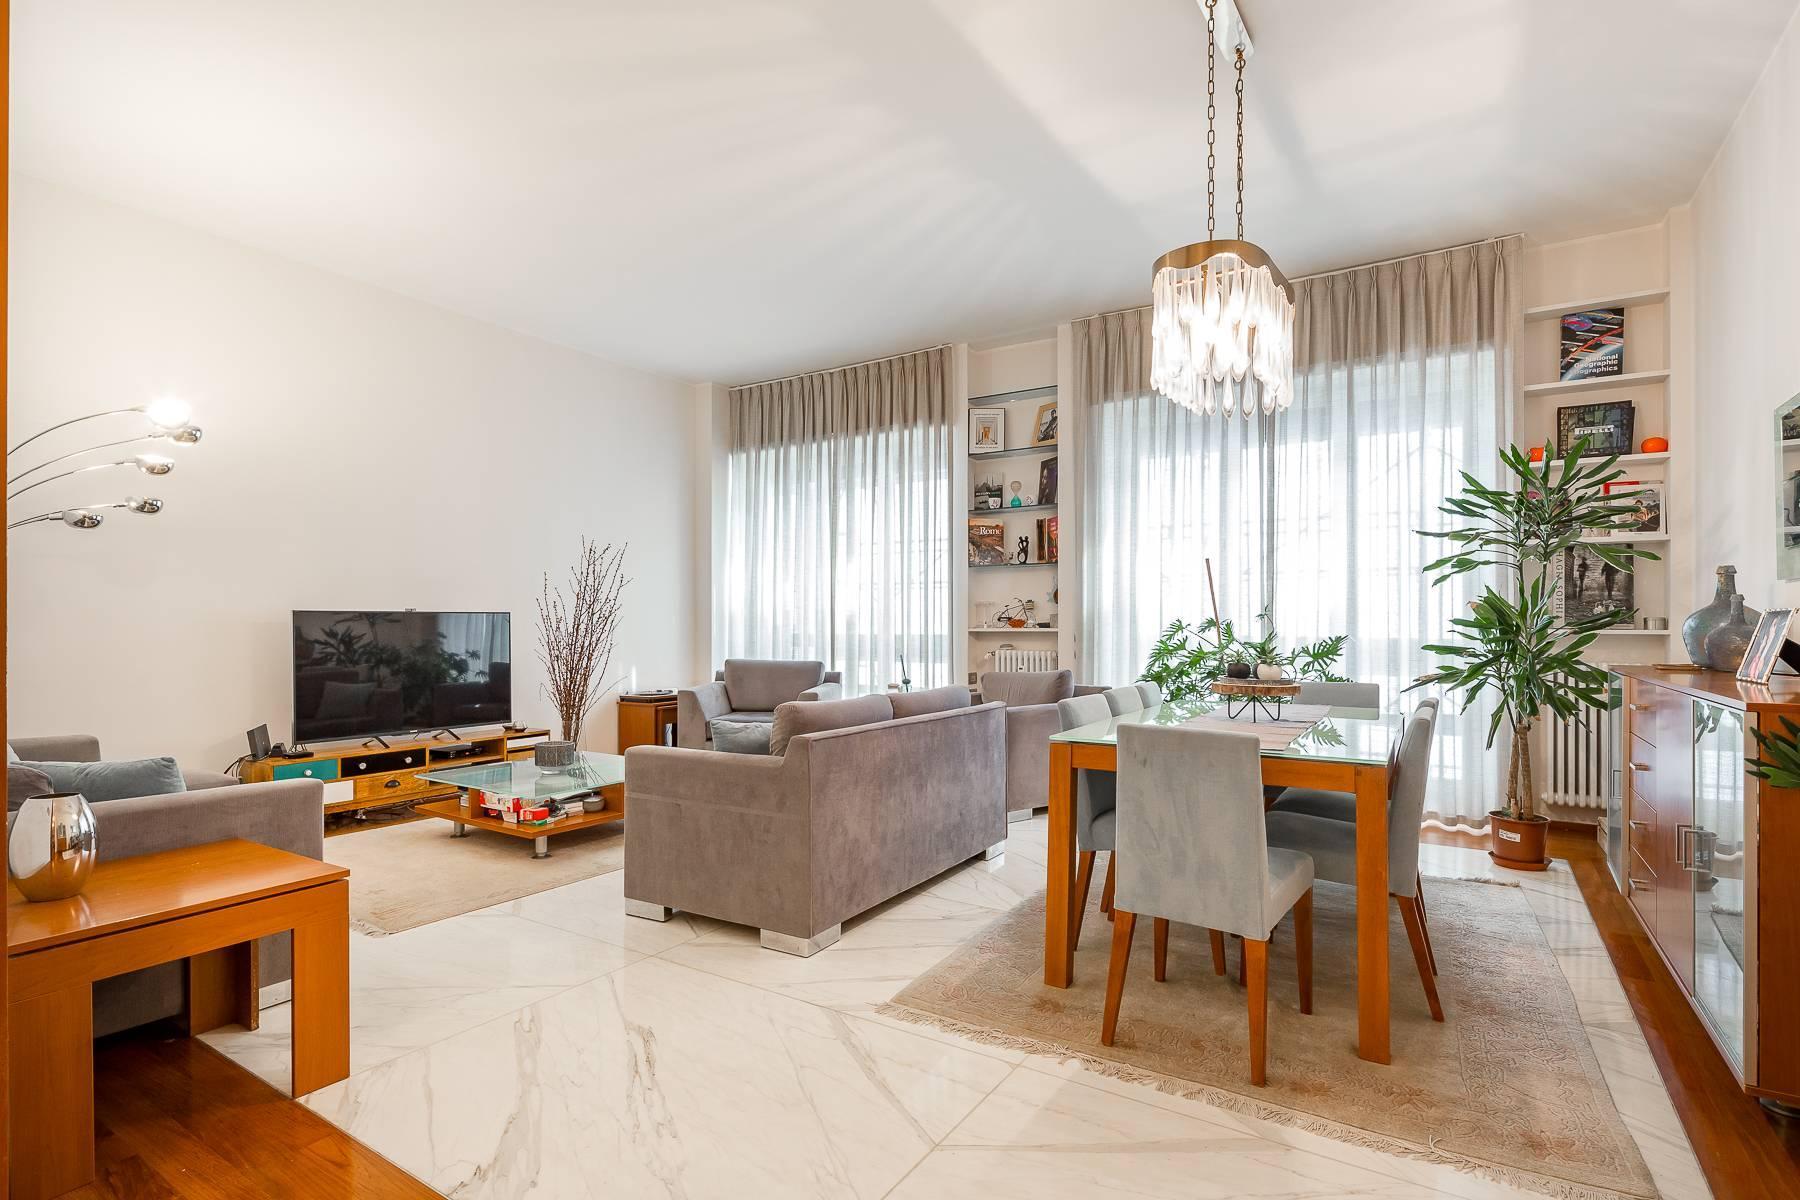 Renovierte Wohnung im Stadtviertel Ticinese/Darsena - 3